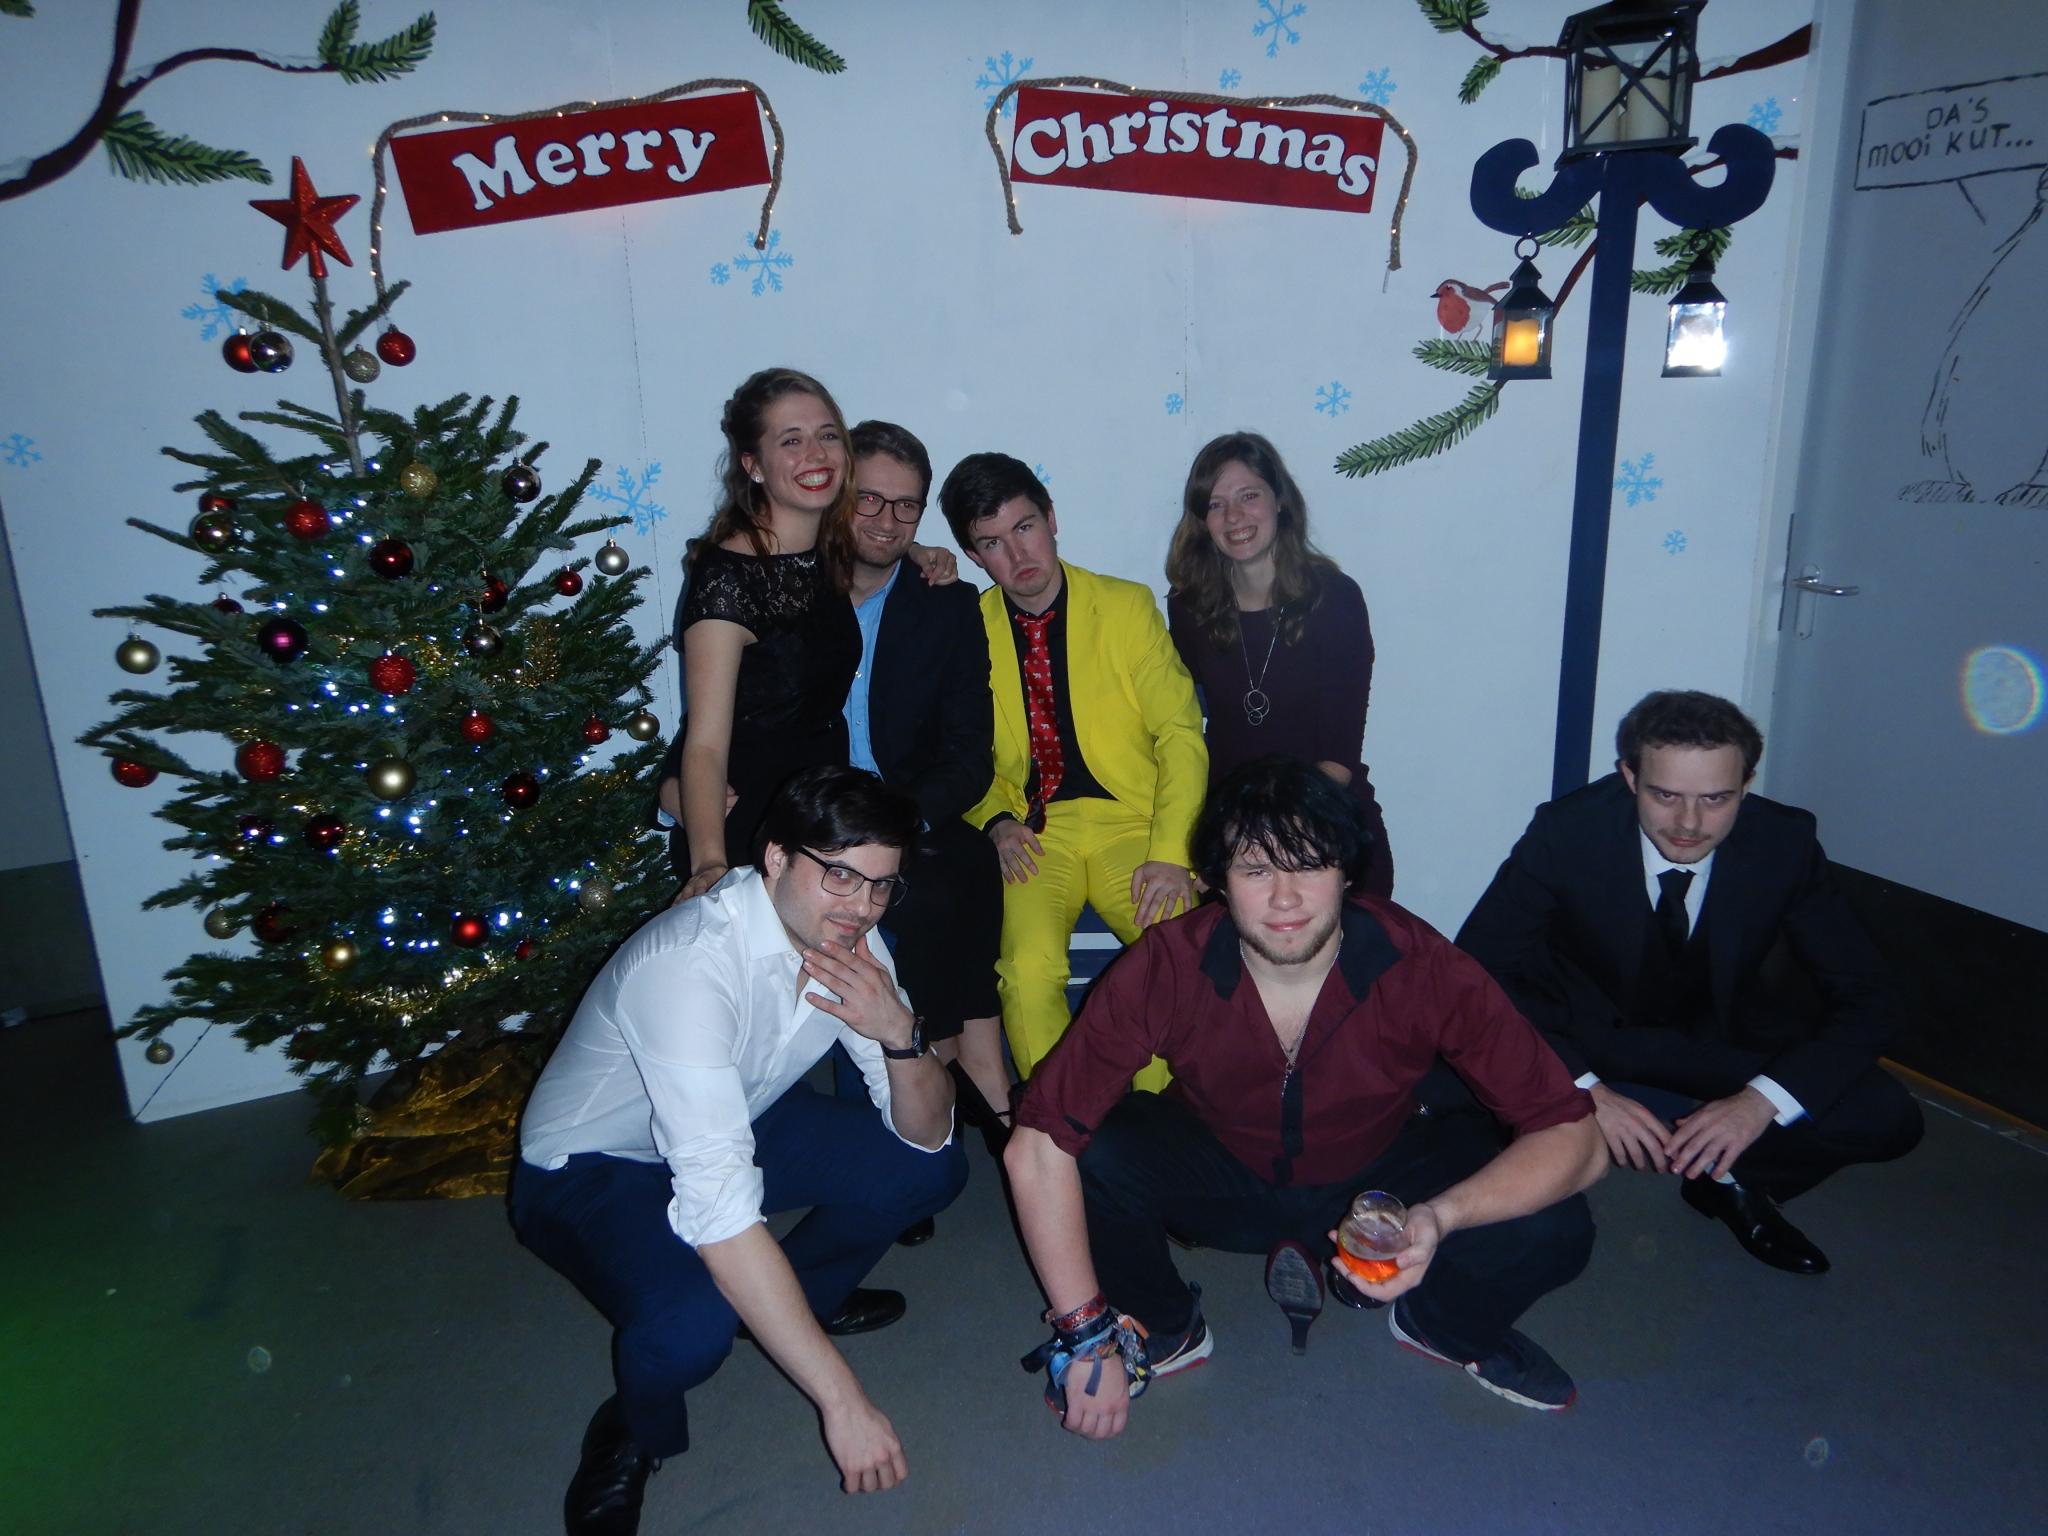 Kerstfeest_086